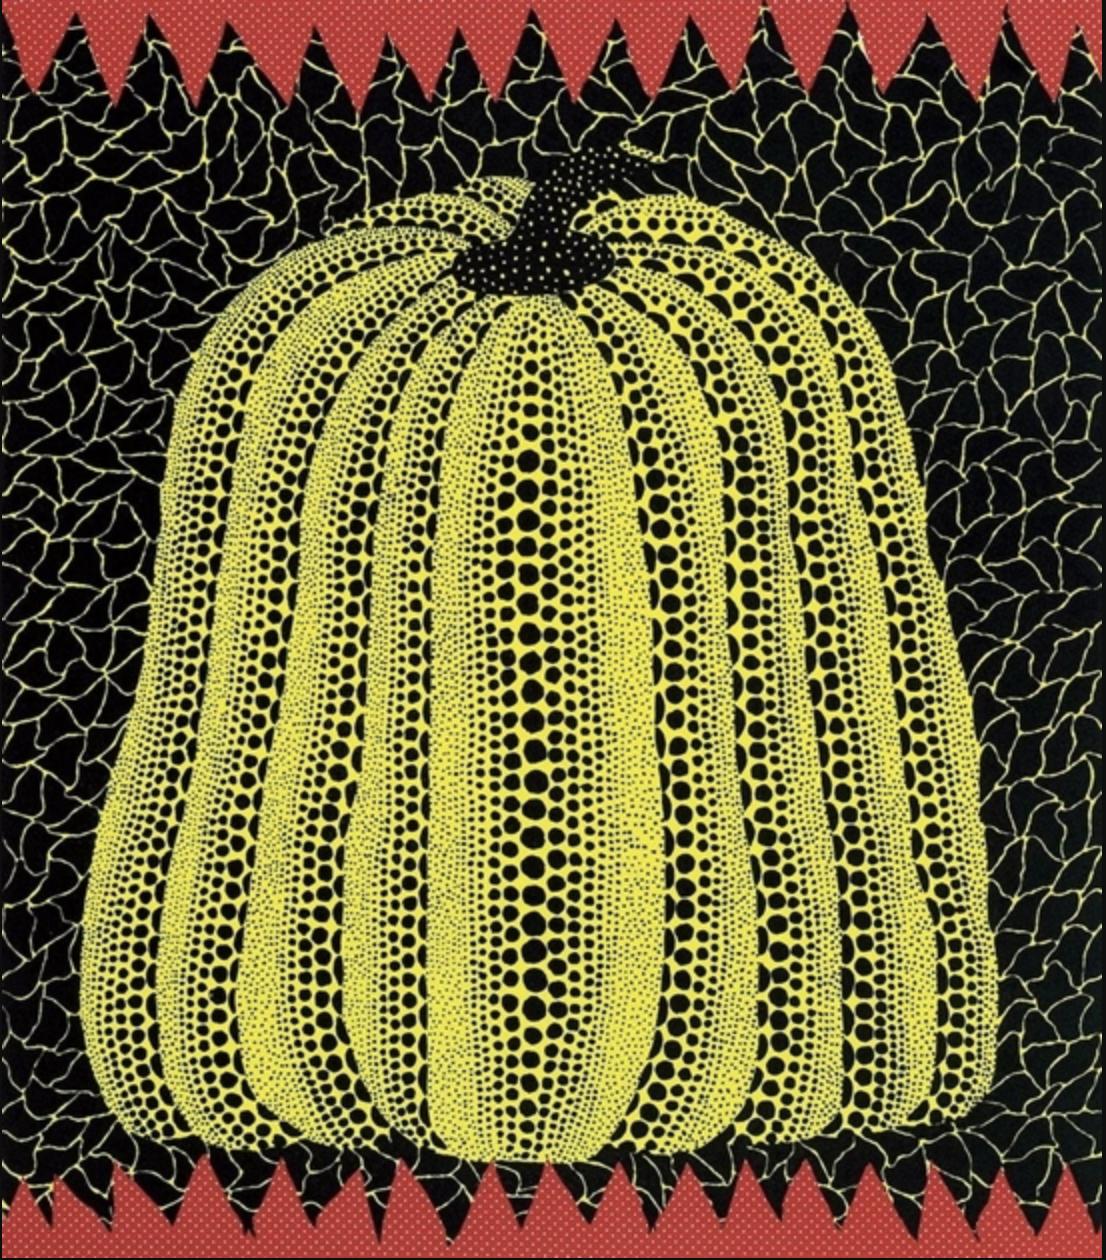 Yellow Pumpkin by Yayoi Kusama